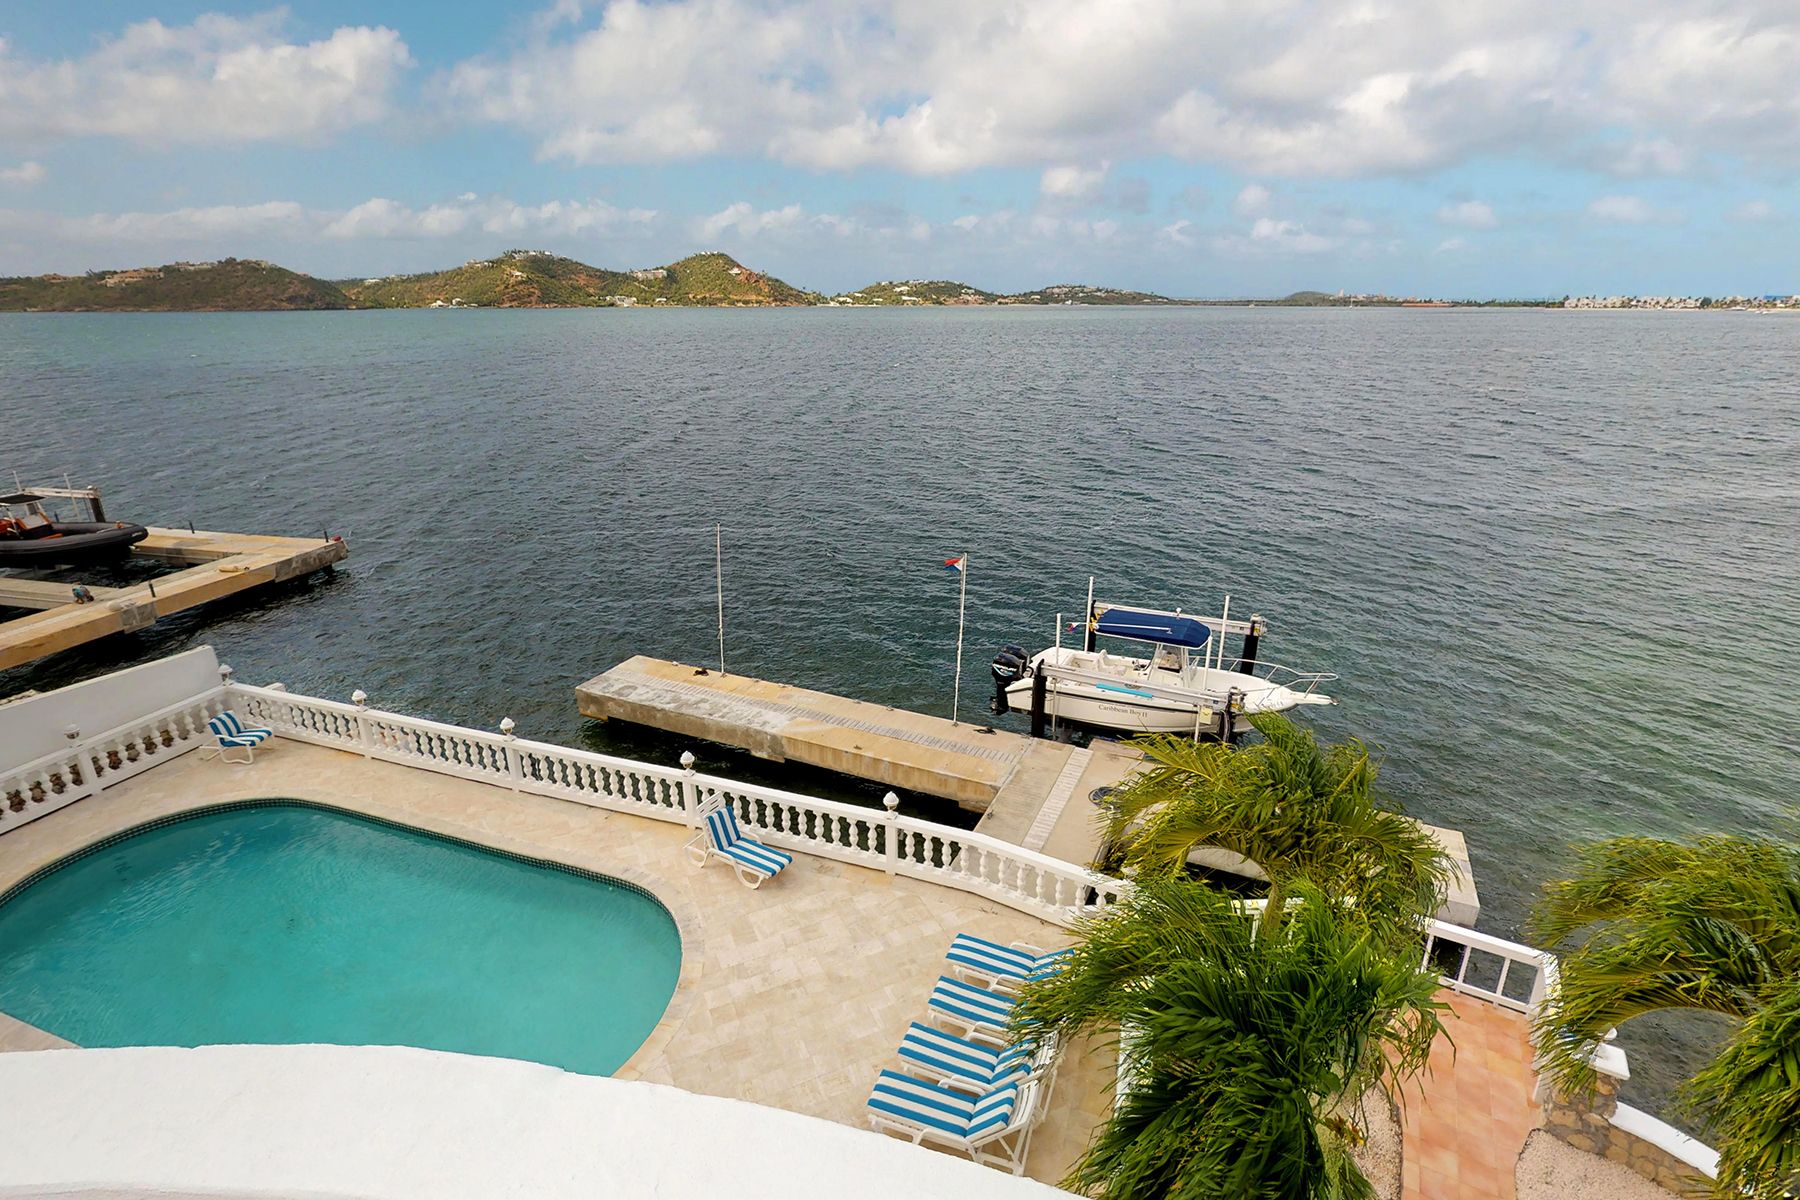 Single Family Homes for Sale at Point Pirouette Villa Other Cities In Sint Maarten, Cities In Sint Maarten St. Maarten